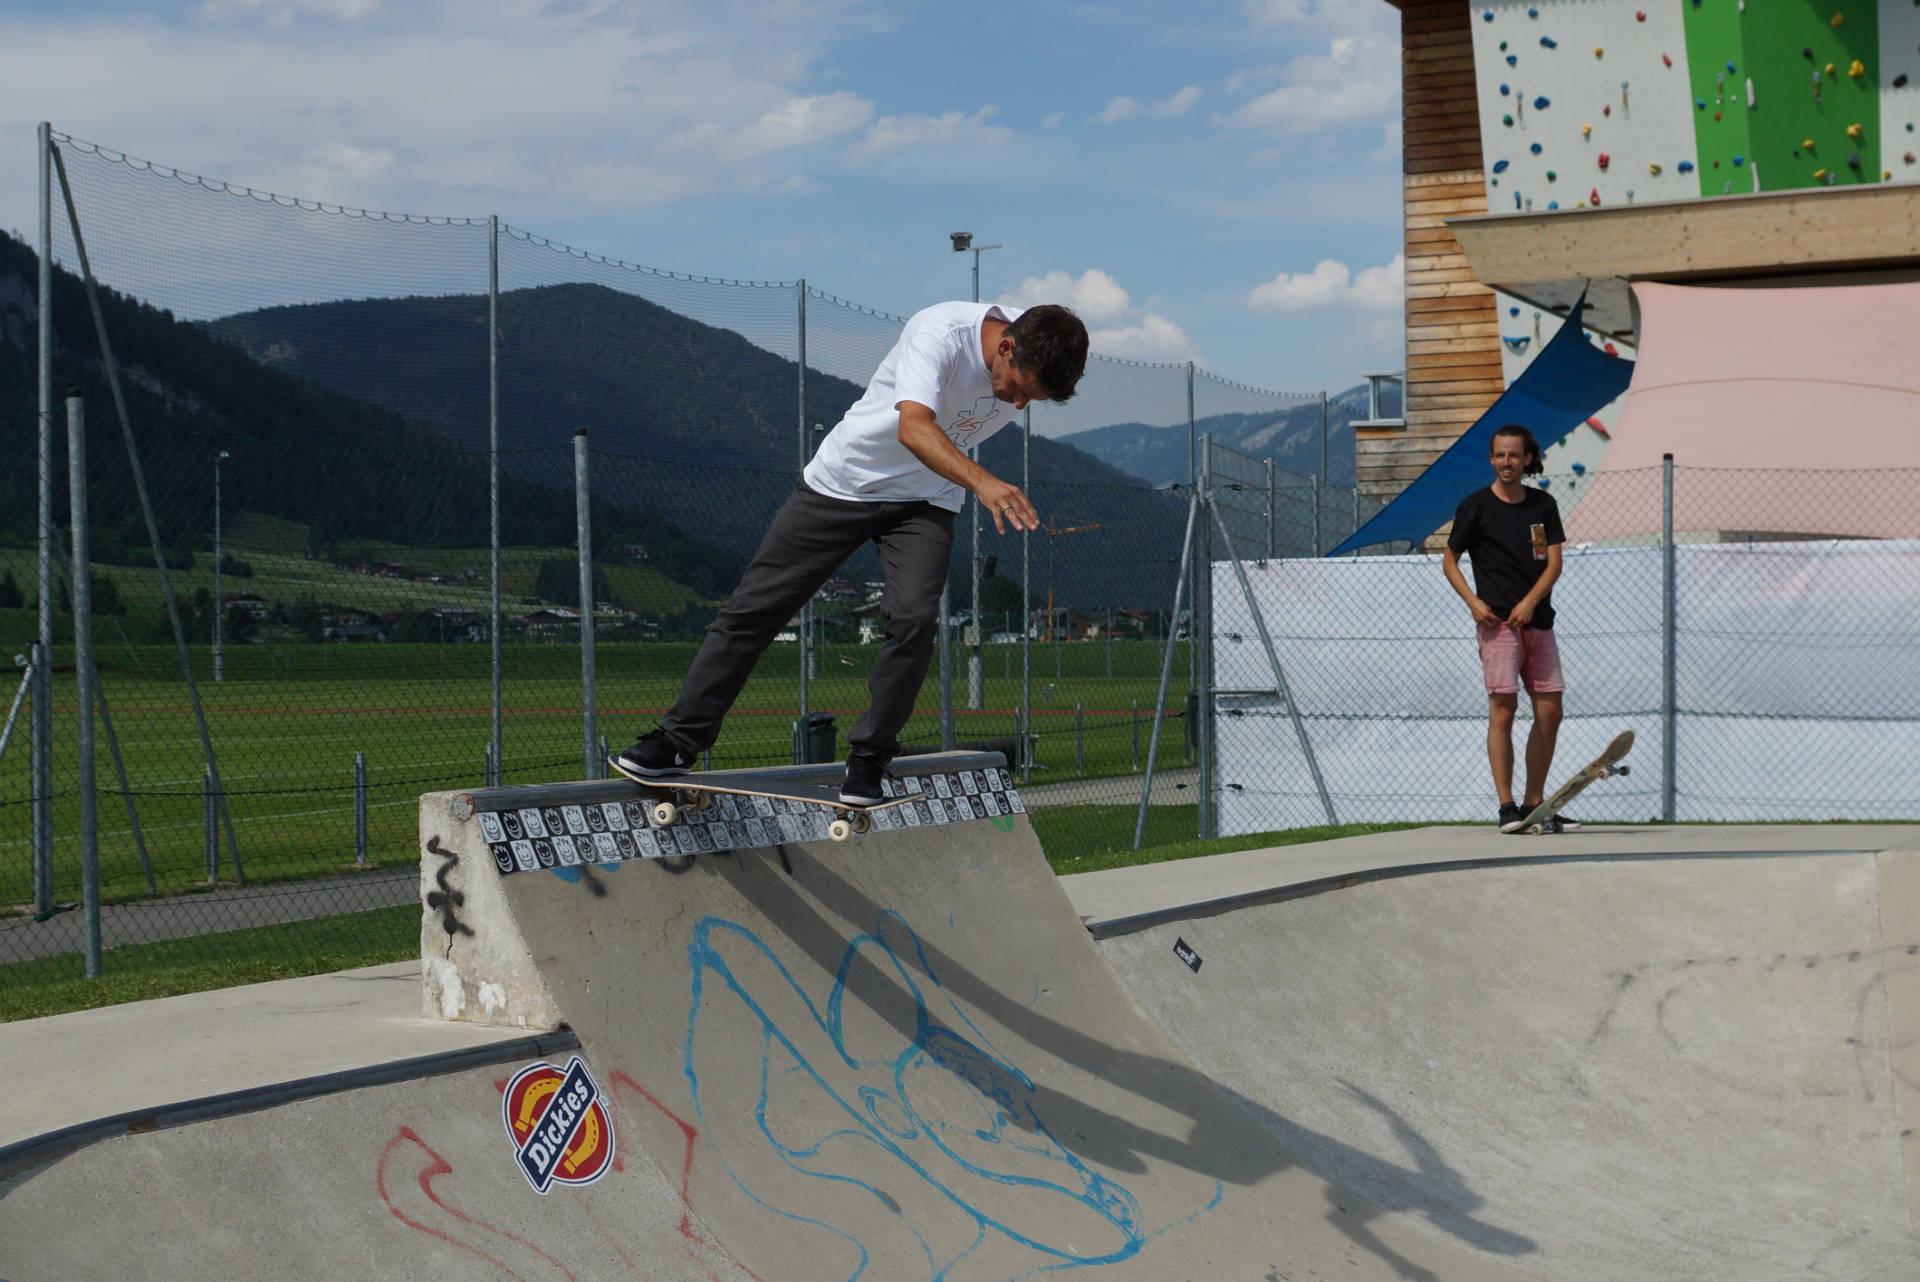 skateboardheadz st johann in tirol kgt 2019 finale 00045